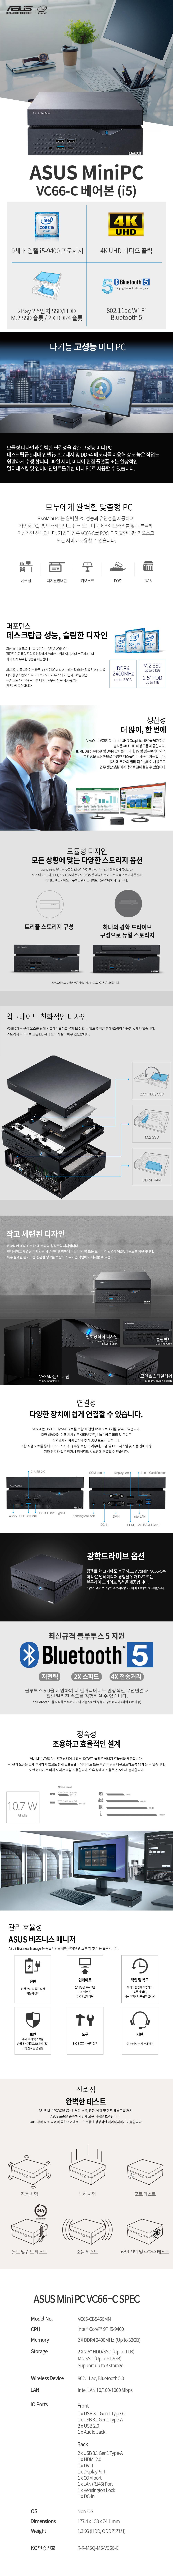 ASUS VivoMini VC66-C i5-9400 M2 (32GB, M2 512GB + 2TB)